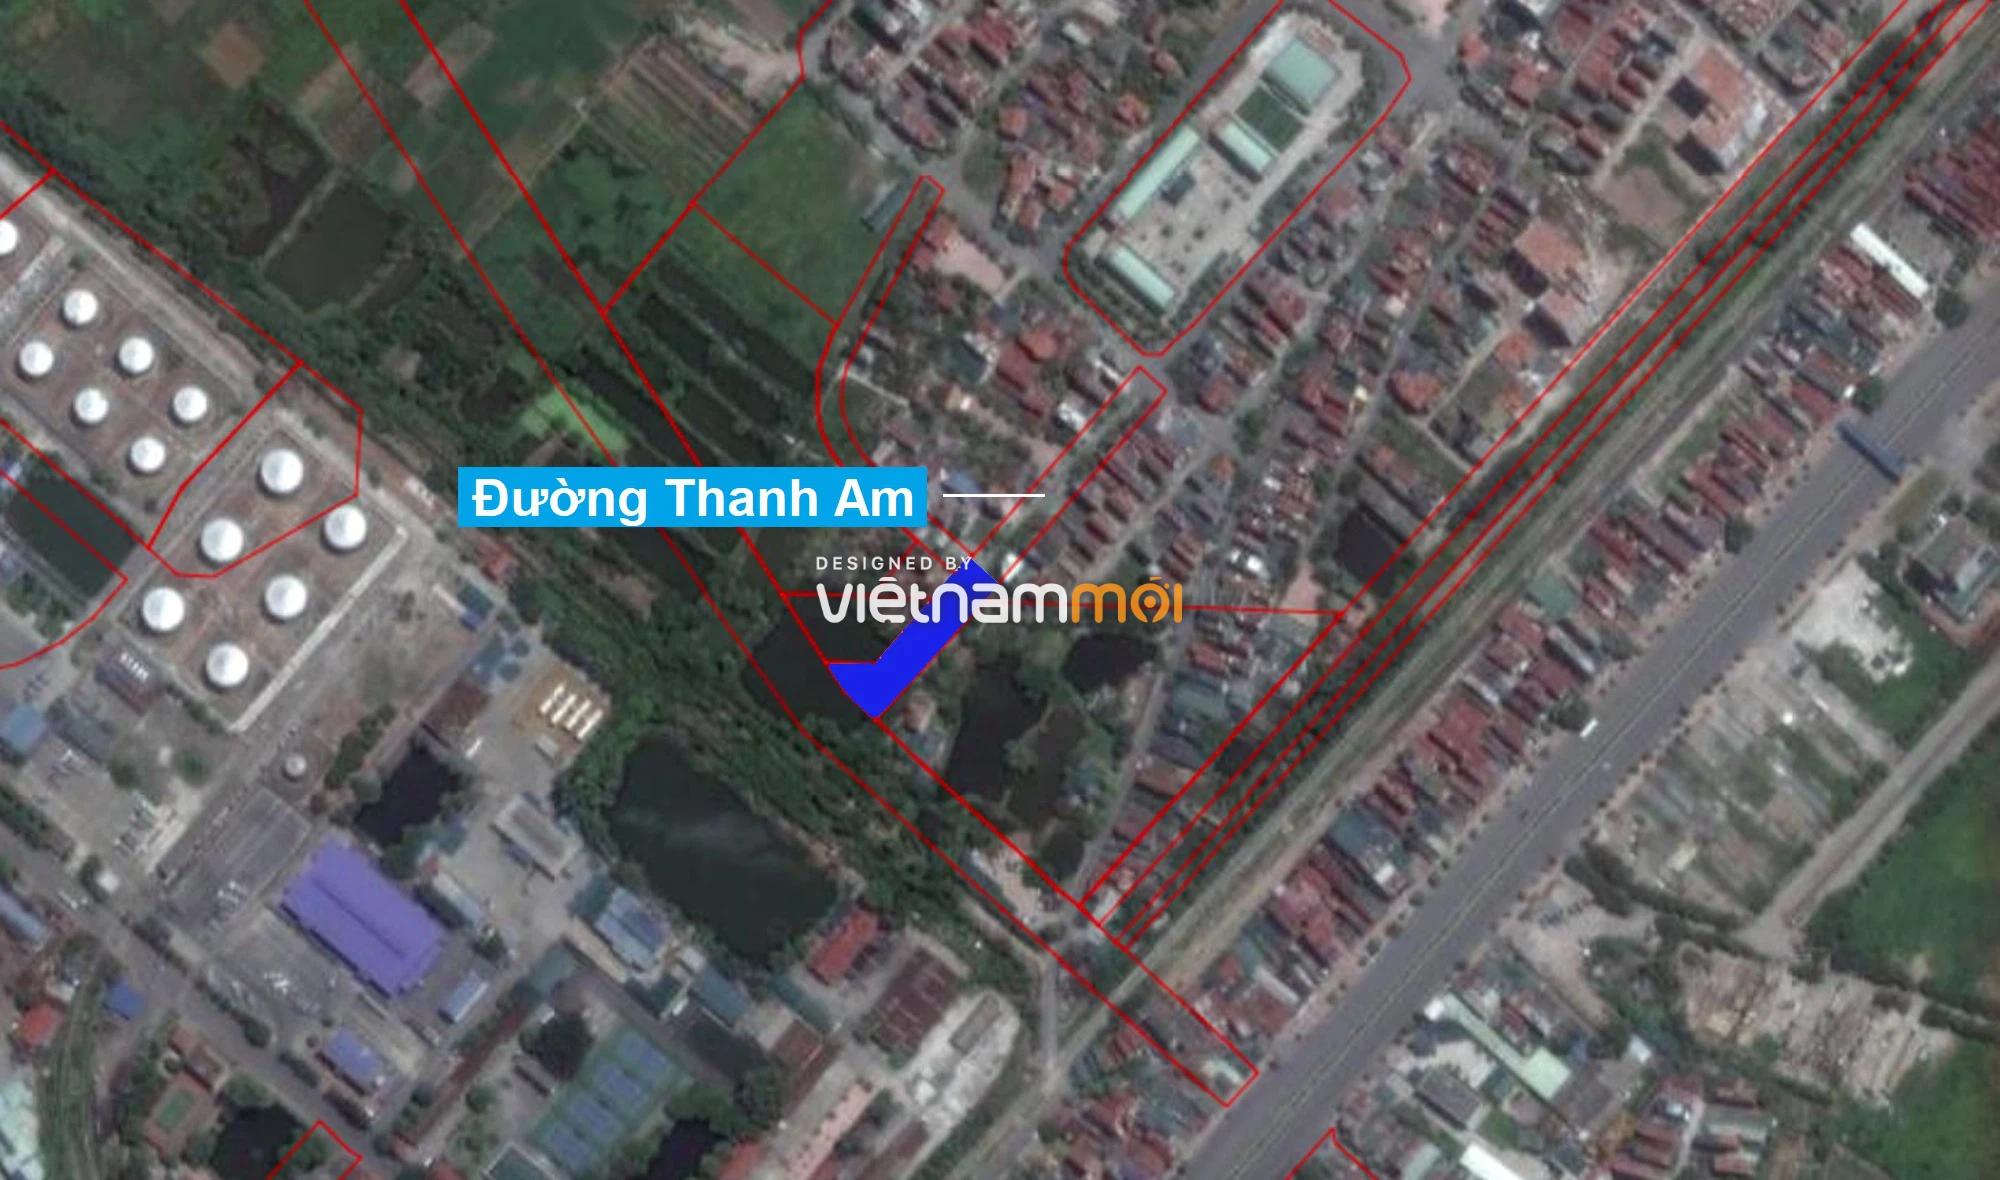 Những khu đất sắp thu hồi để mở đường ở phường Thượng Thanh, Long Biên, Hà Nội (phần 4) - Ảnh 17.